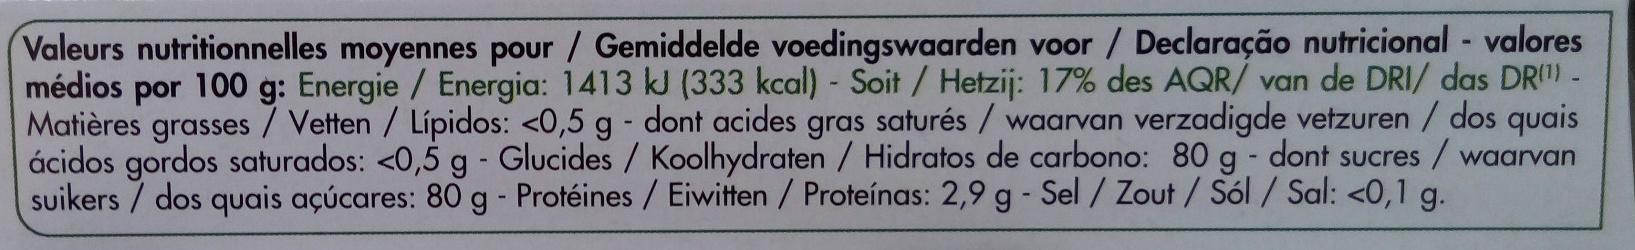 Comprimés Sucralose - Voedingswaarden - fr